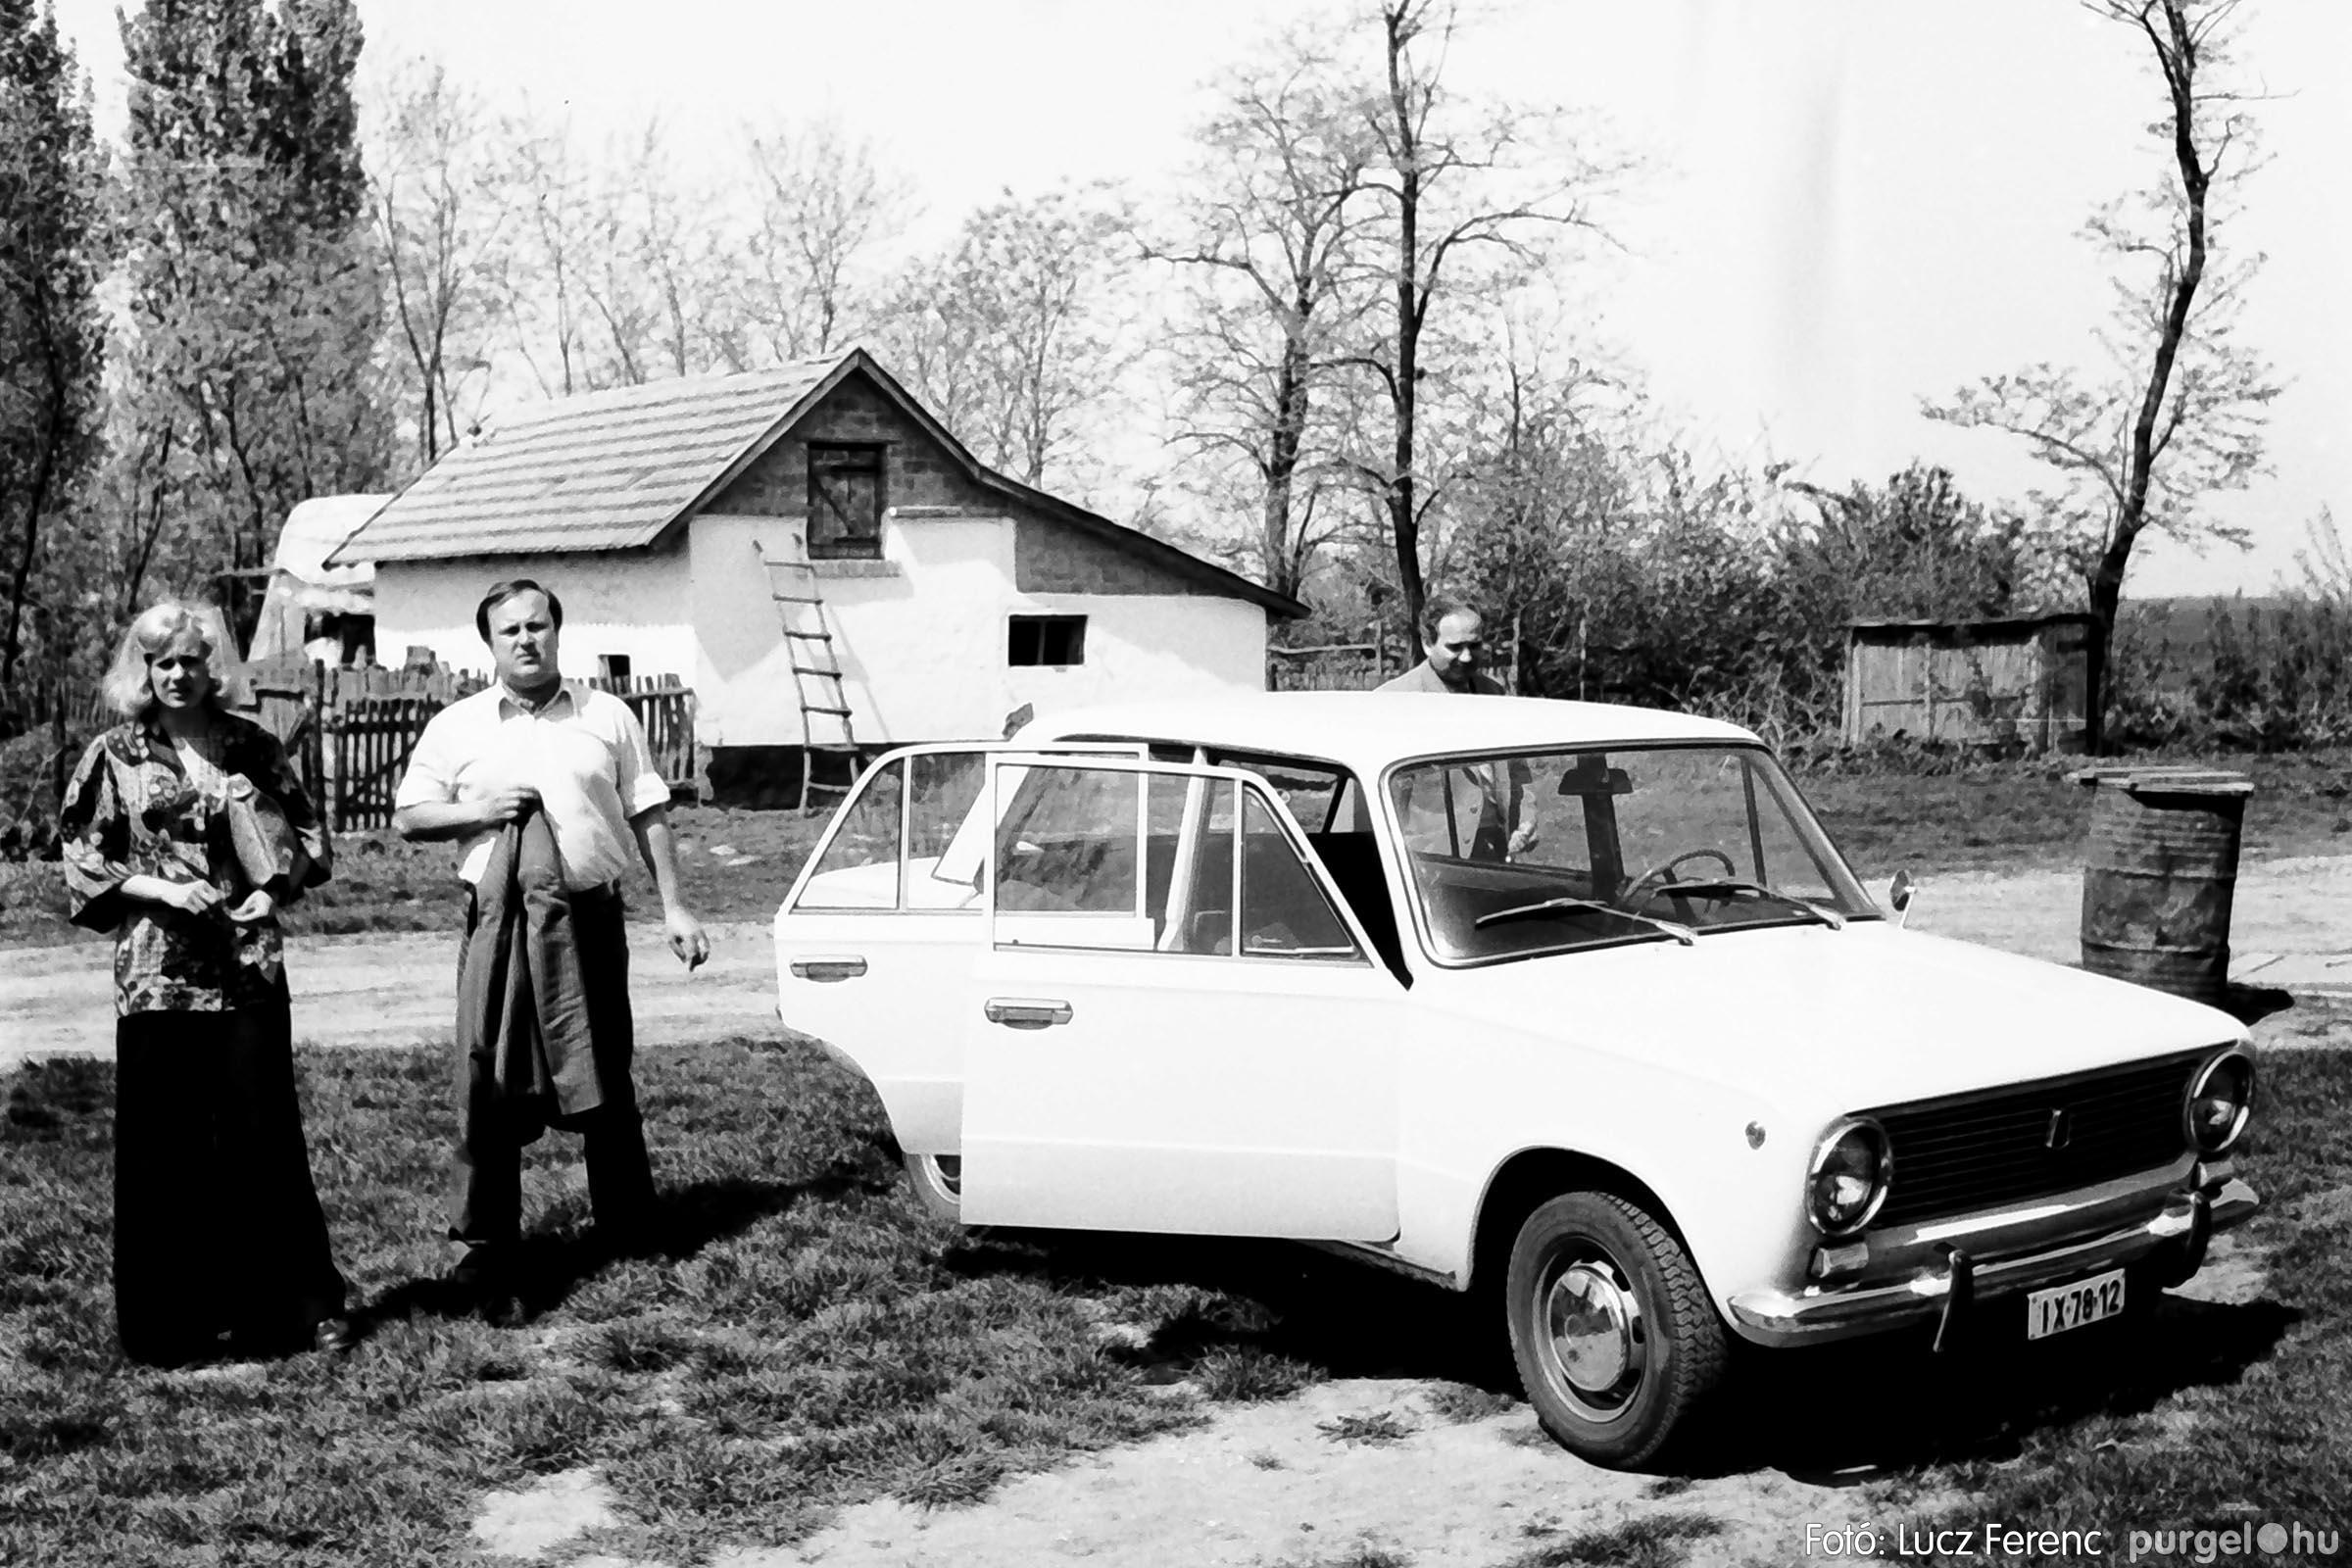 013 1975.04. A felszabadulási munkaverseny győztes üzeme 022 - Fotó: Lucz Ferenc IMG00129q.jpg